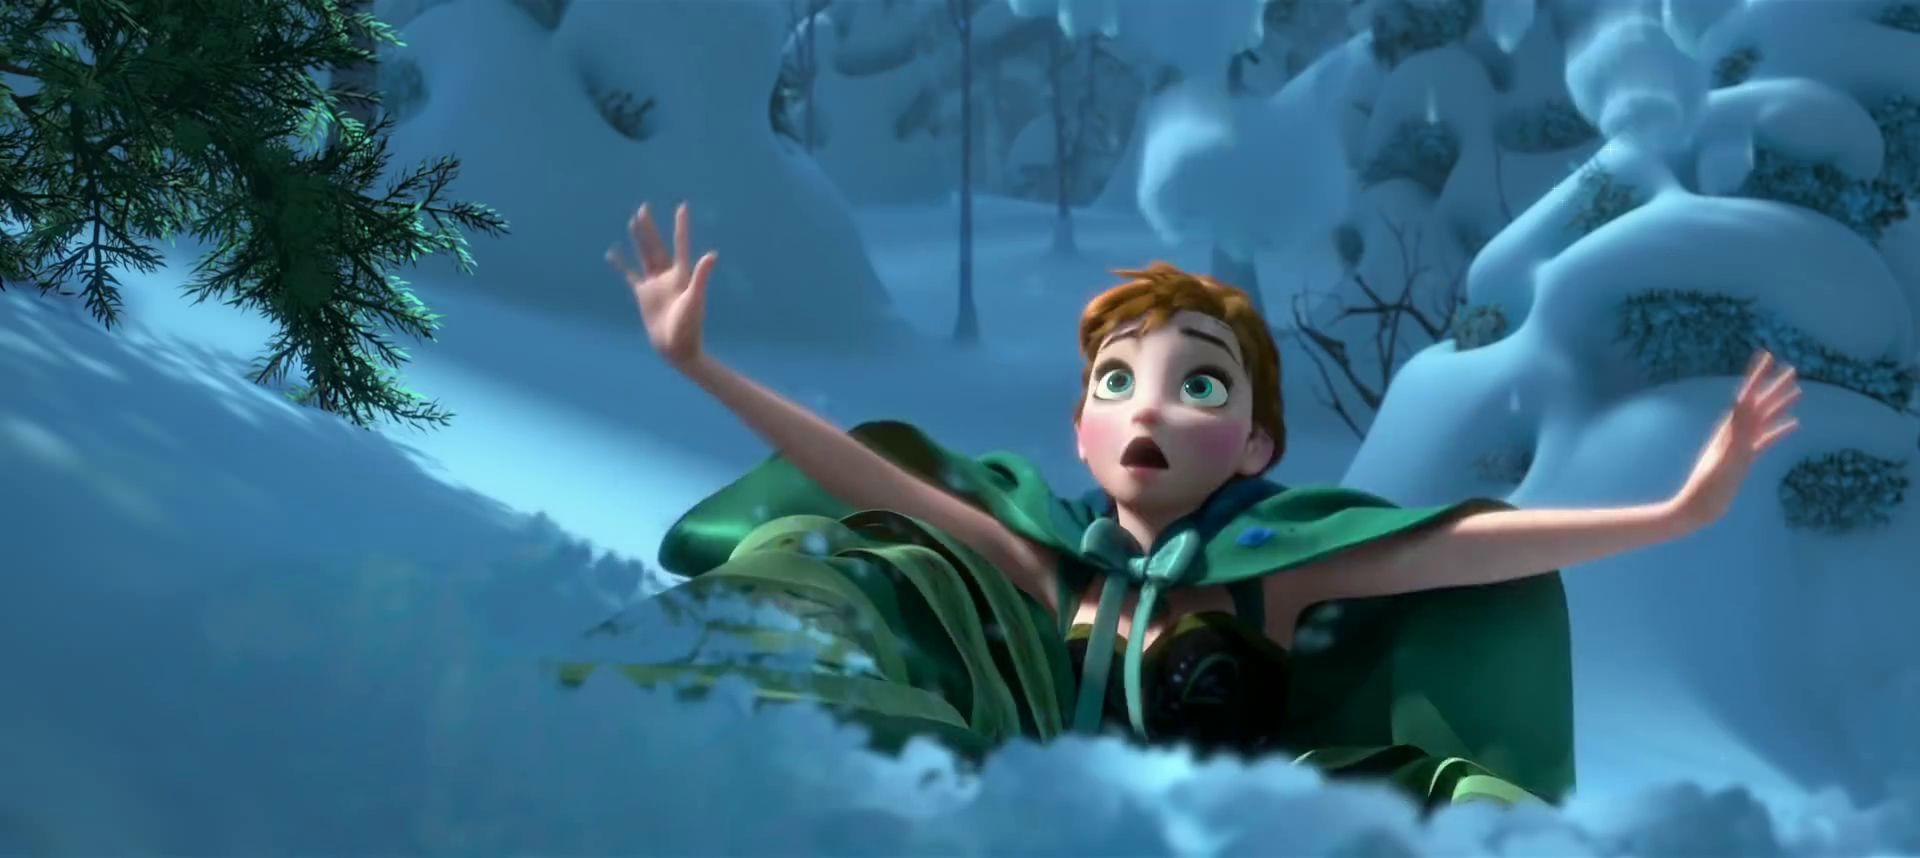 frozen-movie-still-21